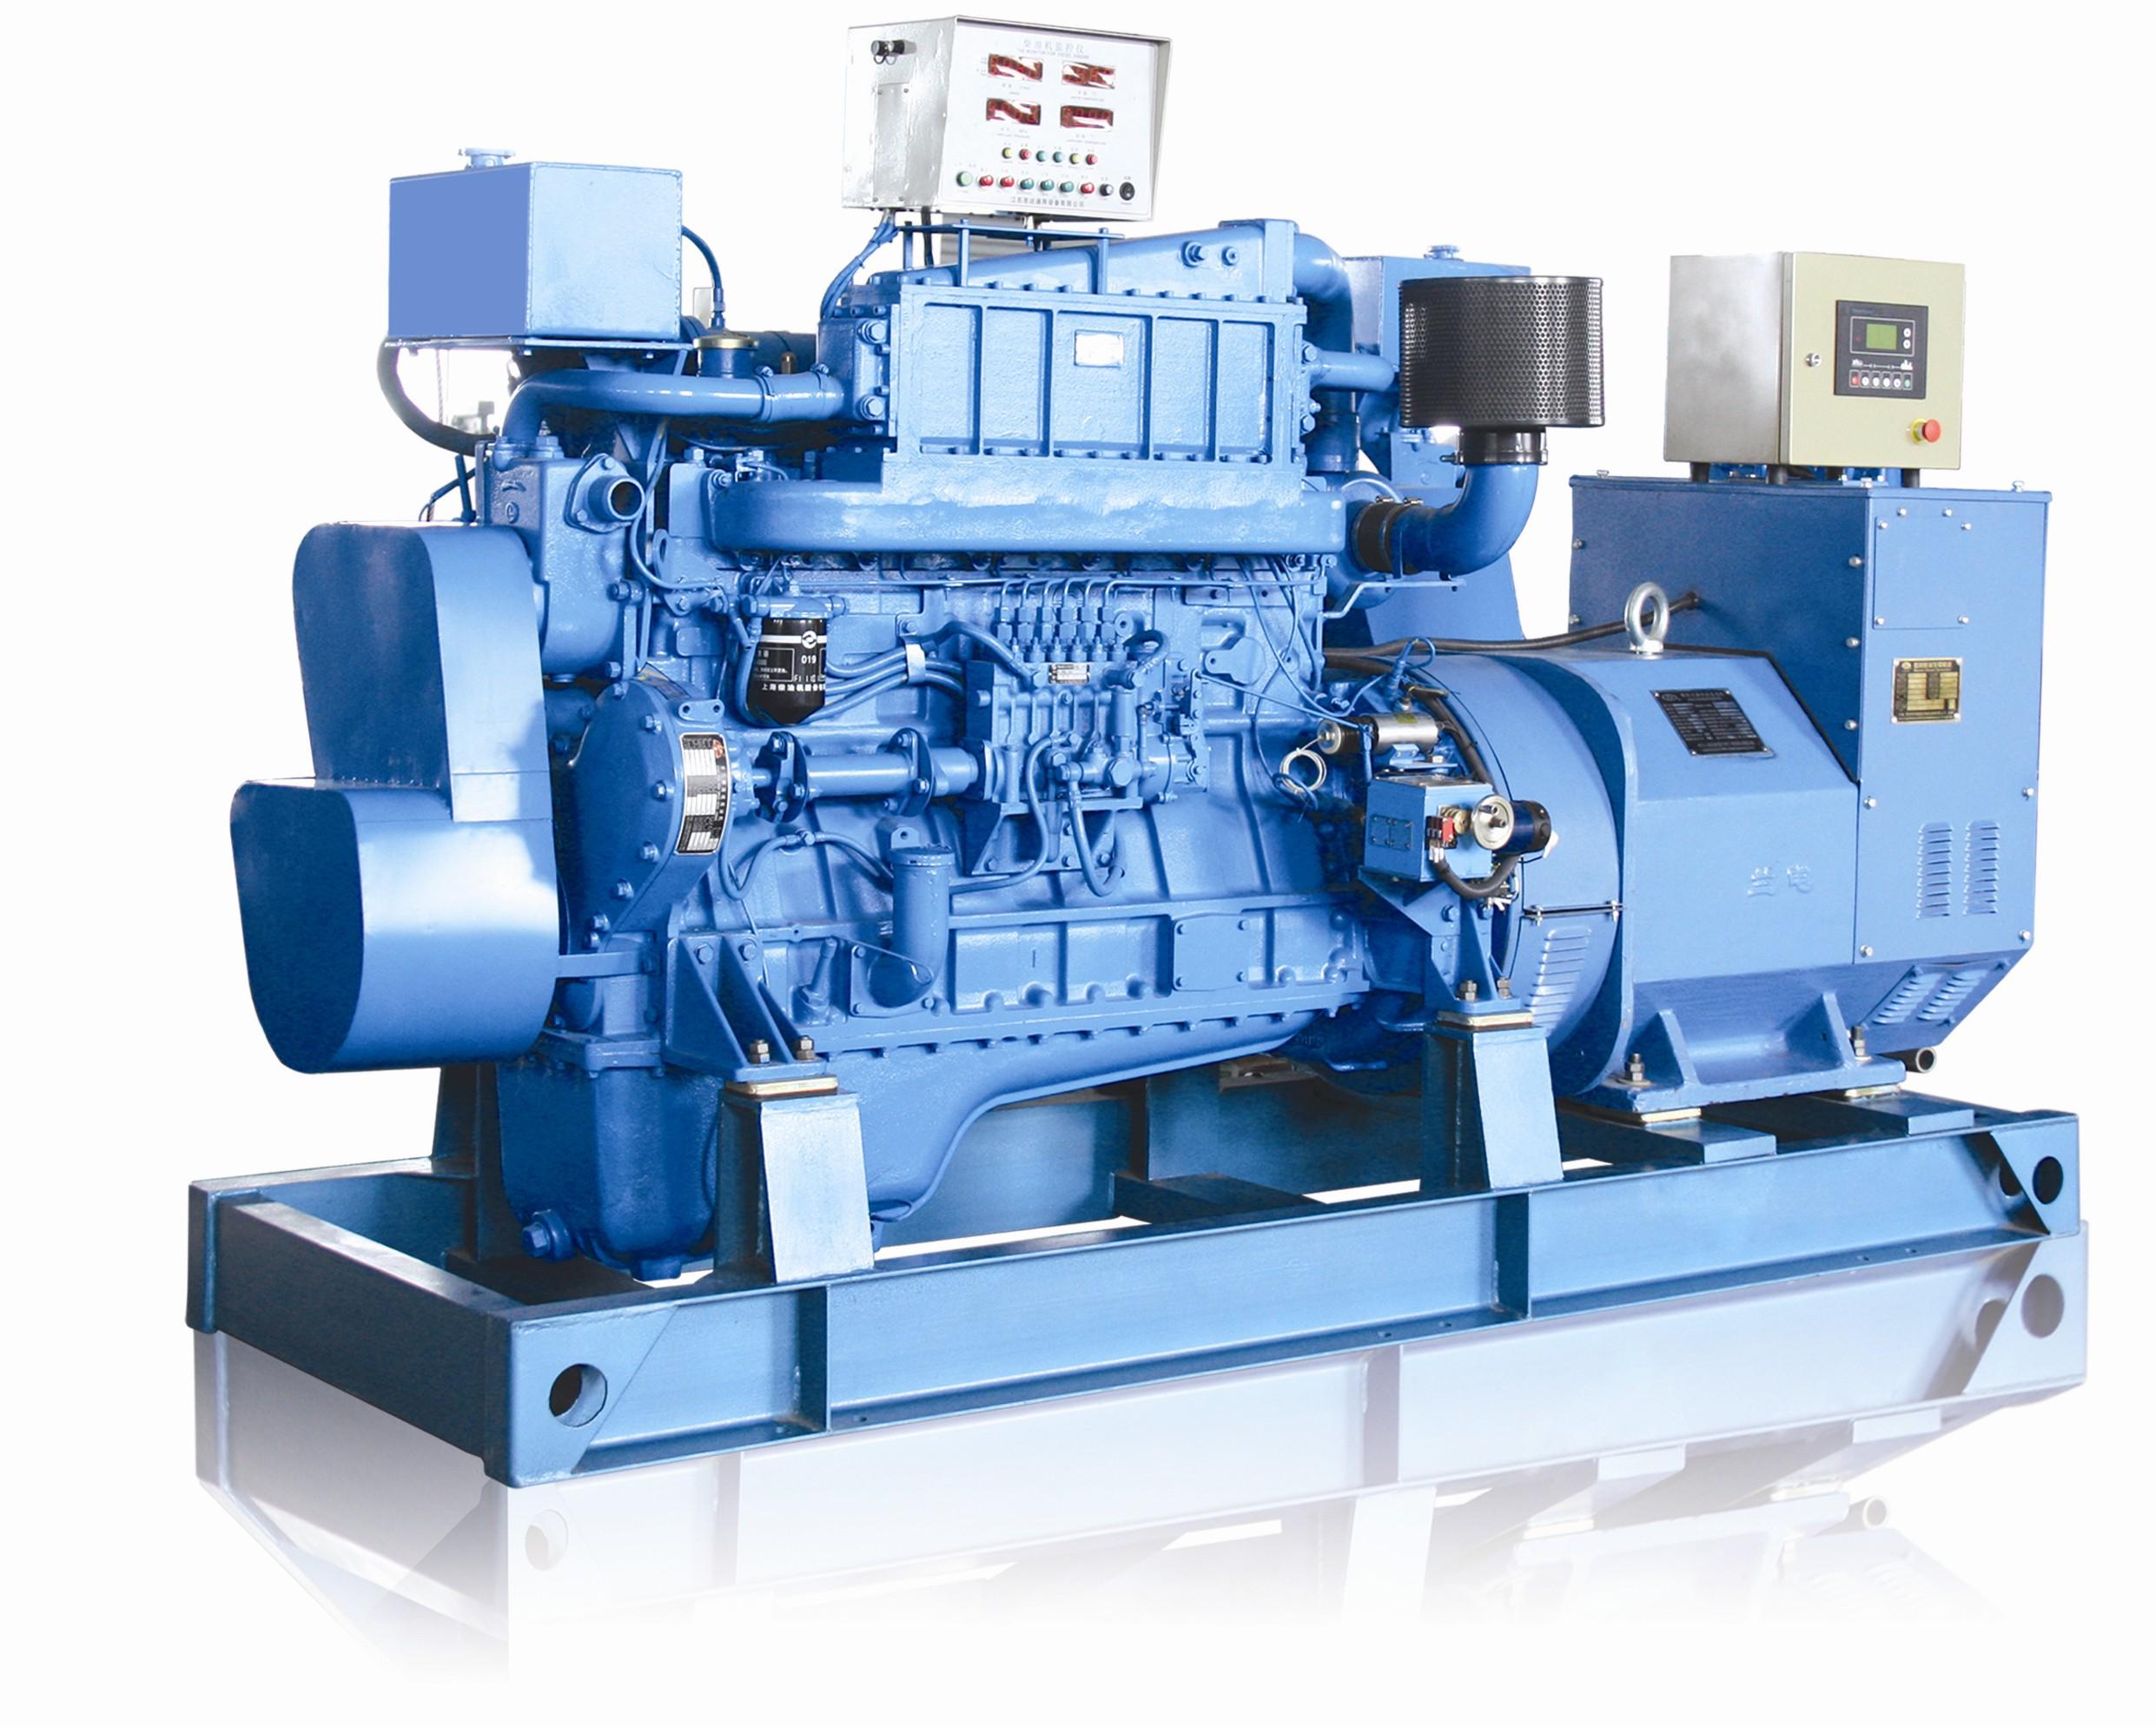 Võ Gia tự hào là đơn vị cho thuê, sửa chữa máy phát điện đi đầu về dịch vụ máy phát điện trên toàn quốc.